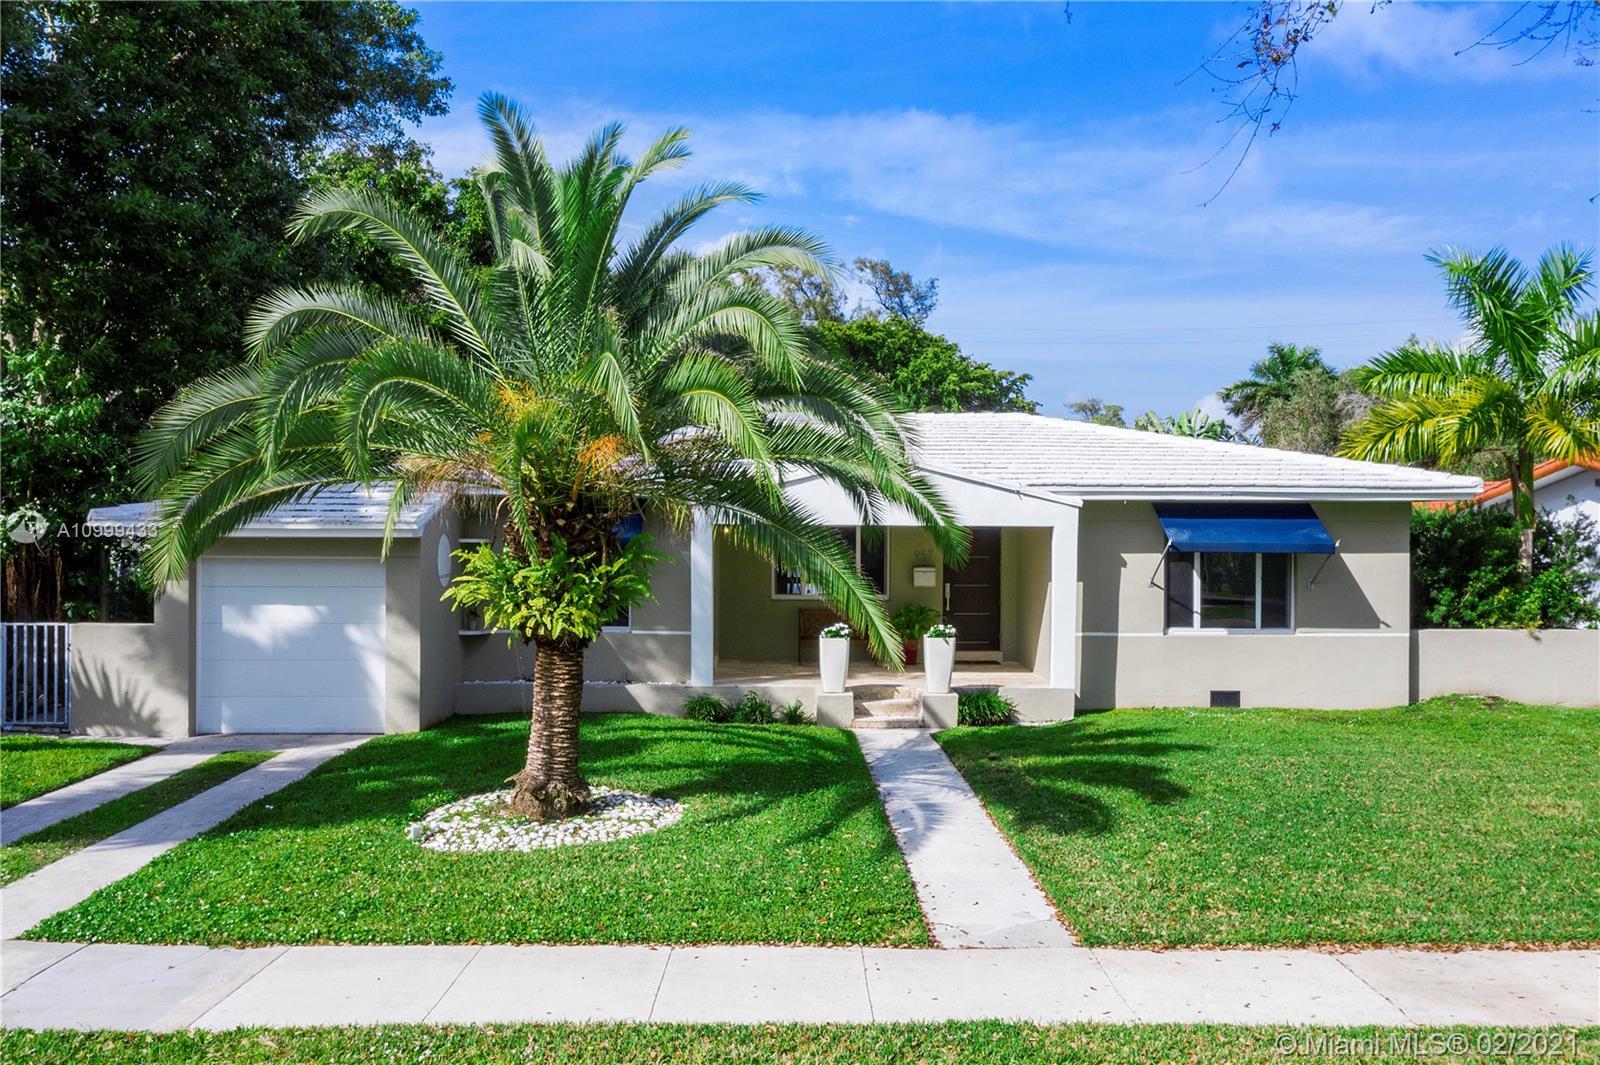 Miami Shores - 957 NE 99th St, Miami Shores, FL 33138